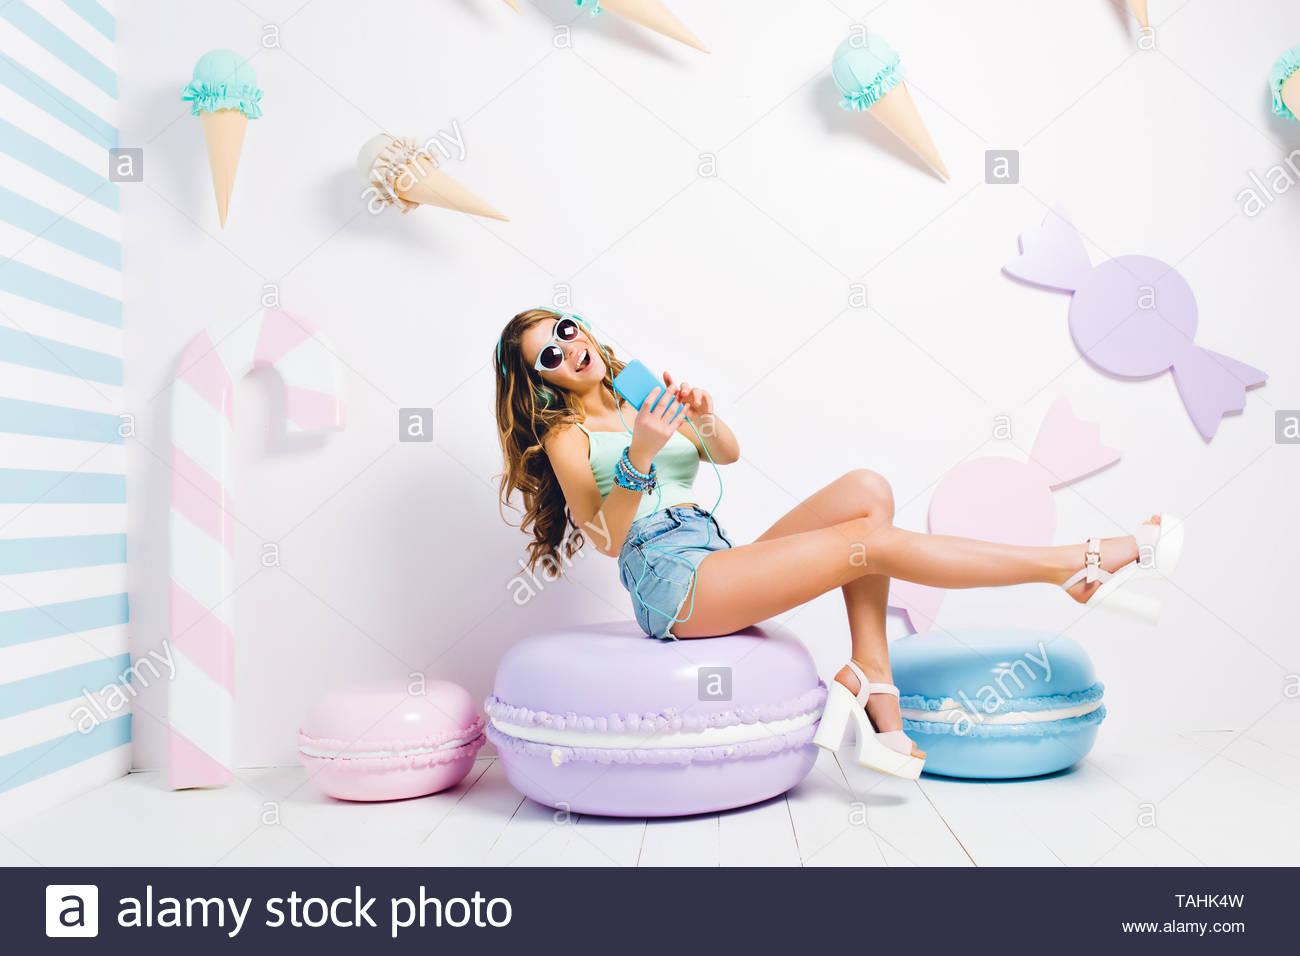 f865224e0fc Graciosa chica con teléfono azul cantando la canción y sonriendo,  descansando en su habitación decorada